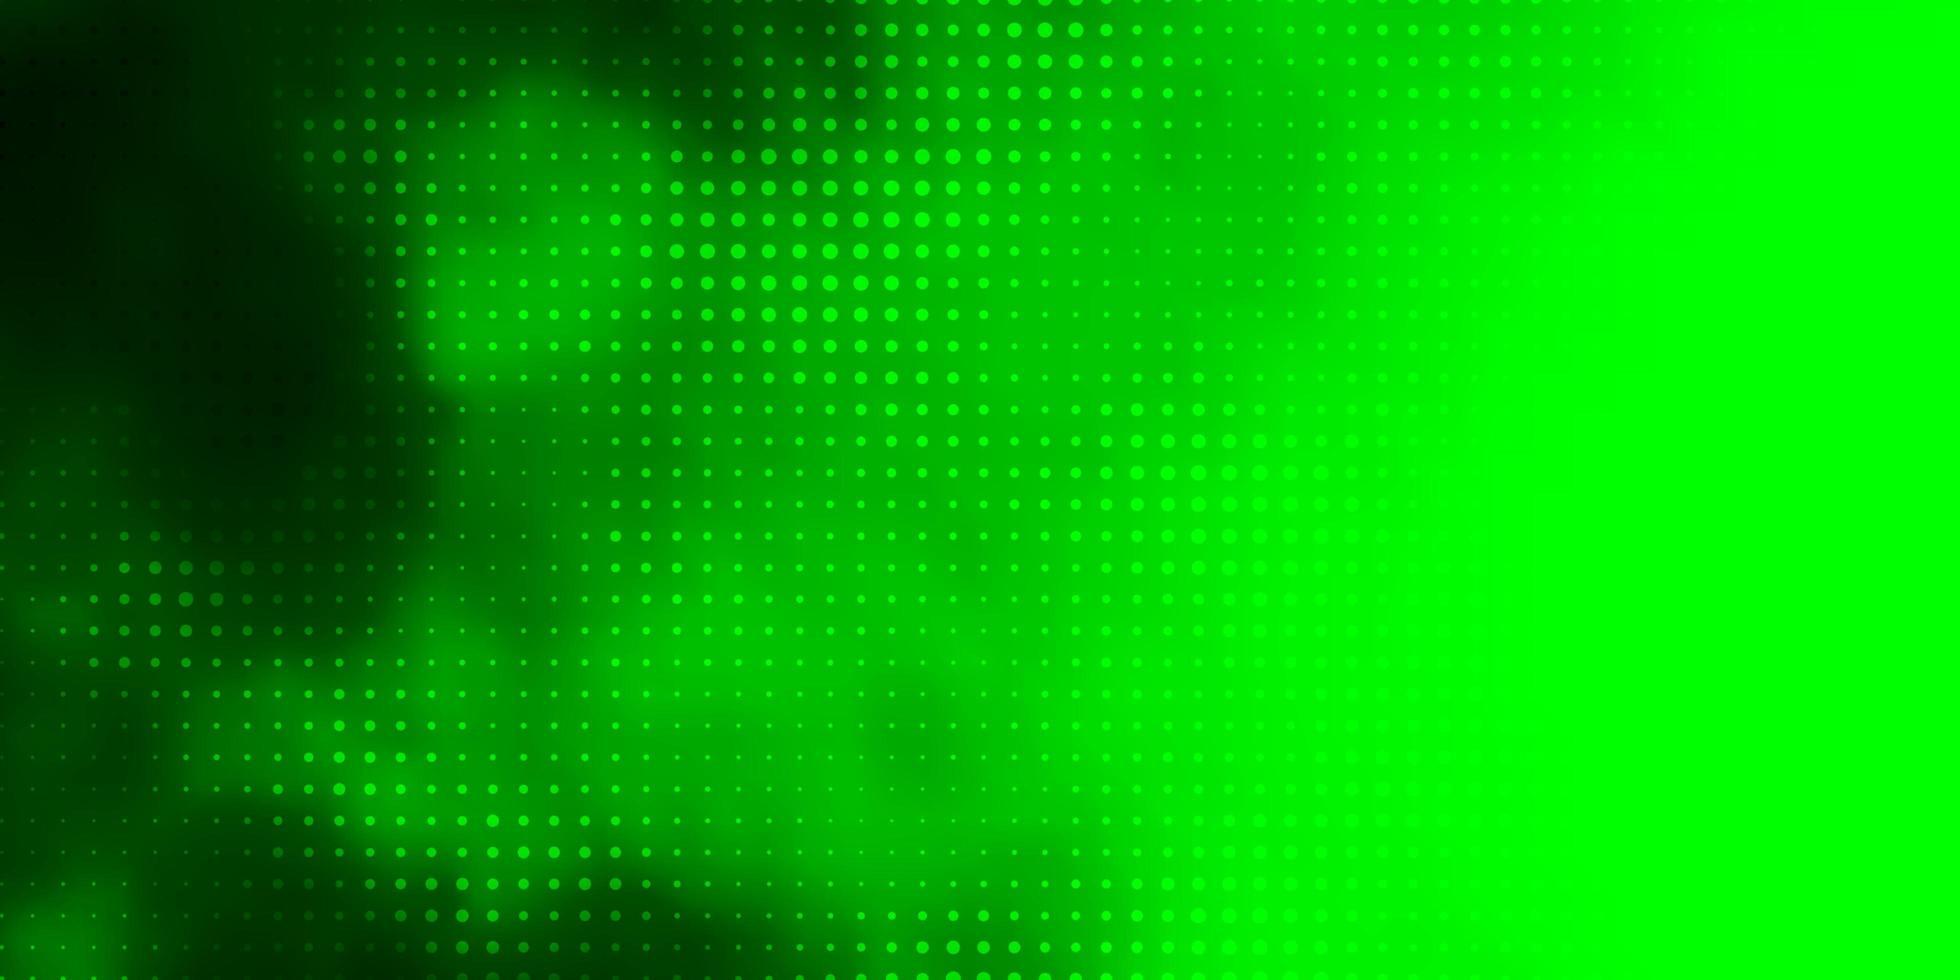 grönt mönster med sfärer. vektor